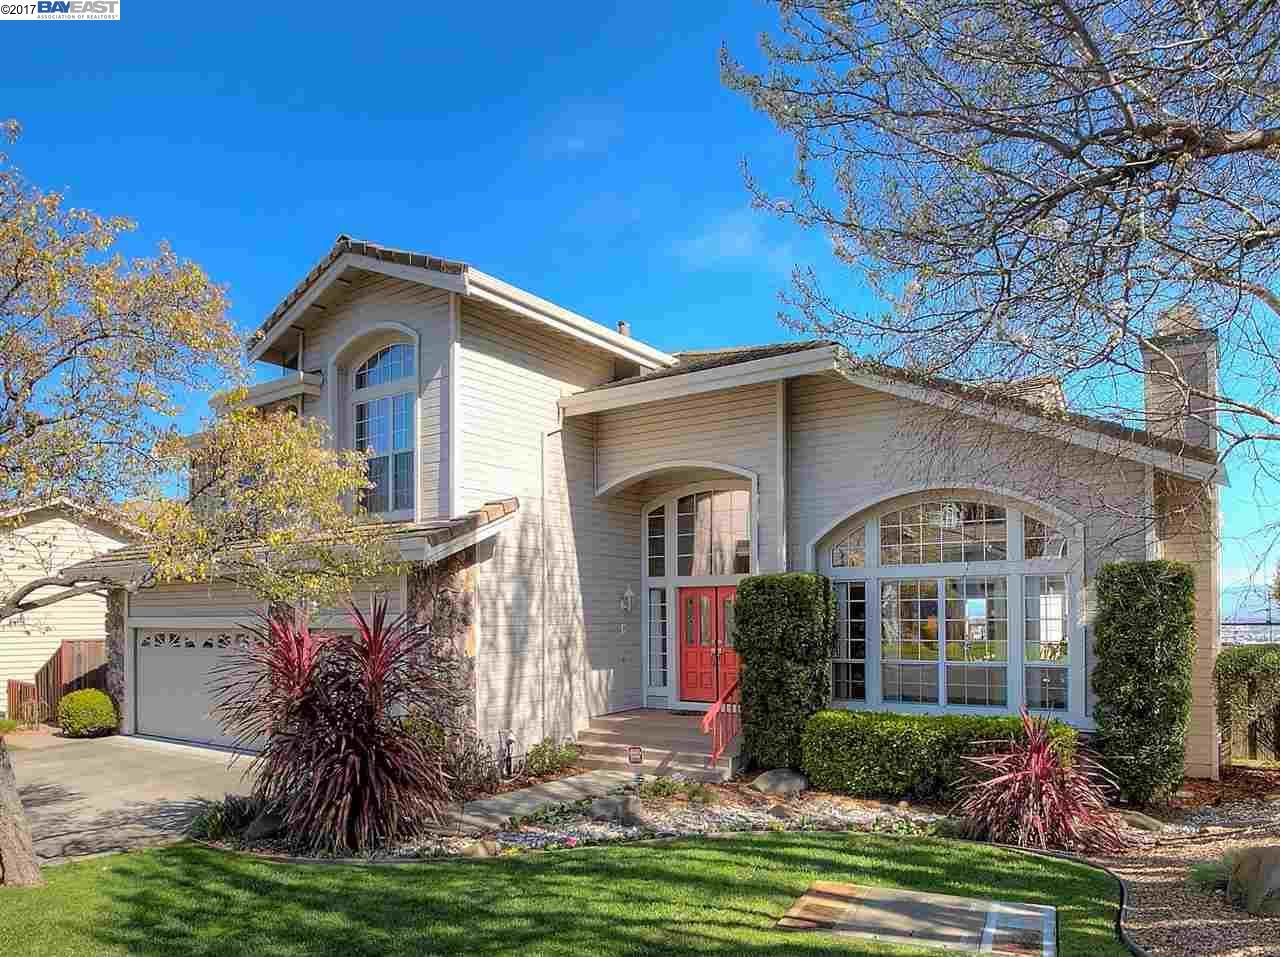 一戸建て のために 売買 アット 11367 VILLAGE VIEW COURT Dublin, カリフォルニア 94568 アメリカ合衆国